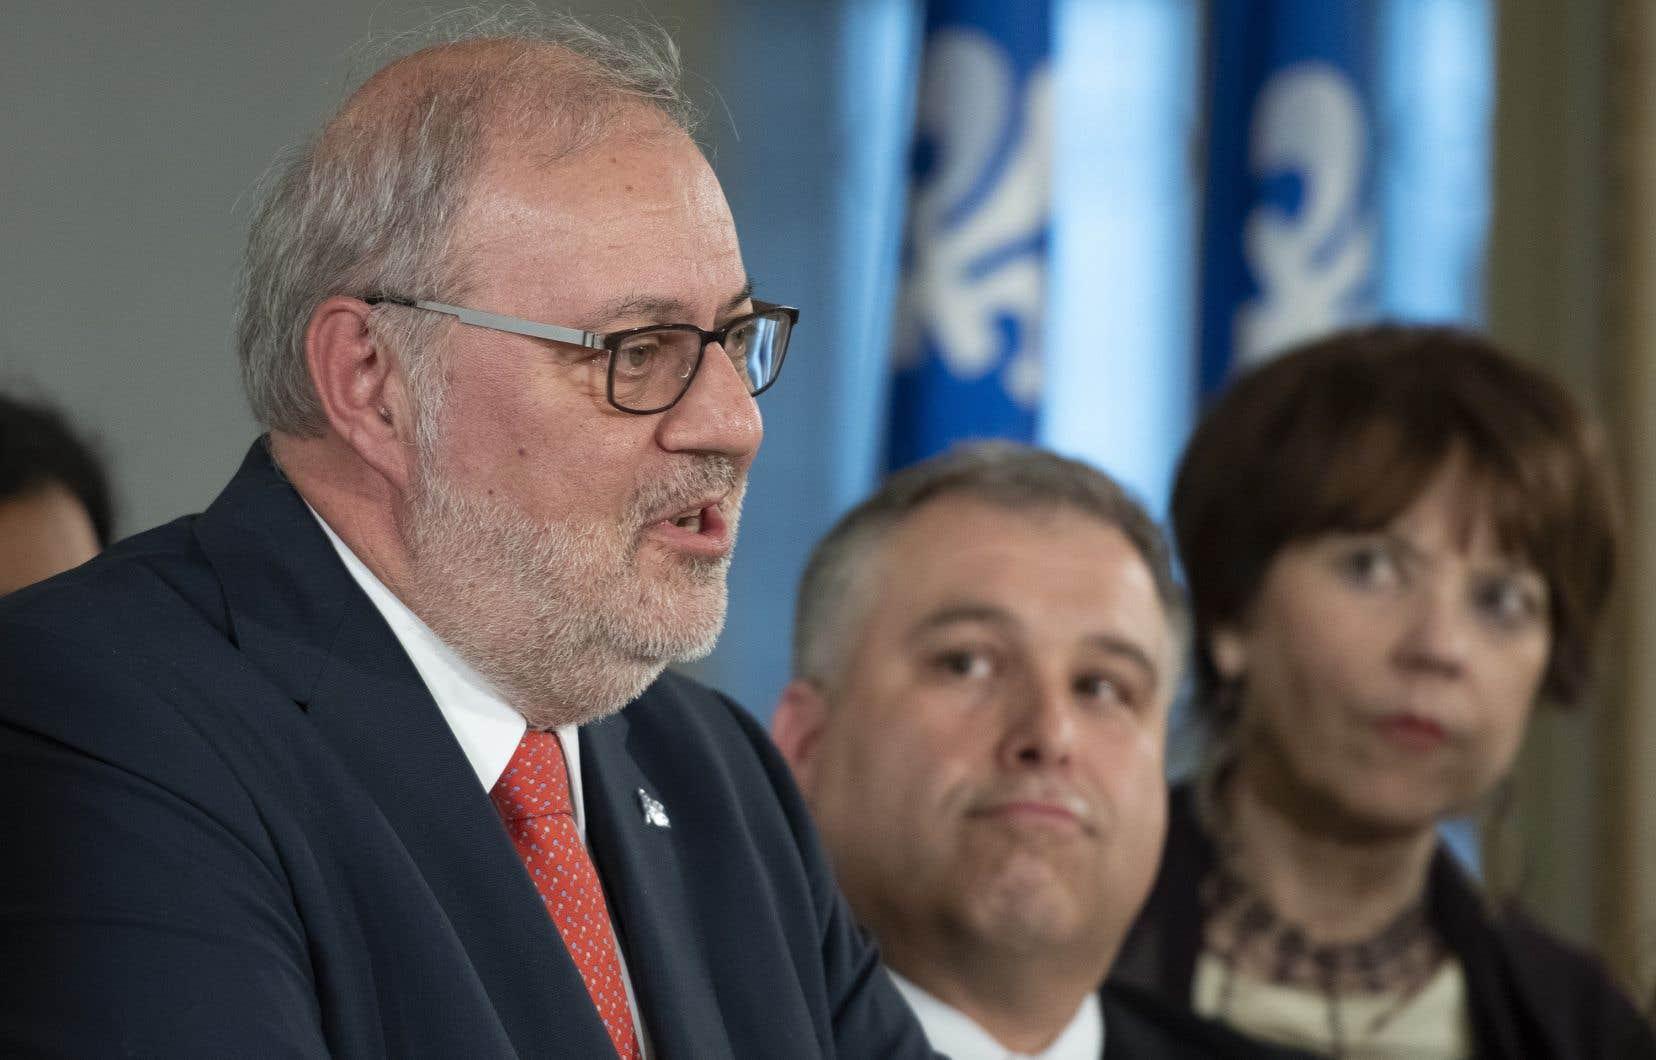 Le chef par intérim du Parti libéral, Pierre Arcand, devant ses collègues libéraux Sébastien Proulx et Hélène David